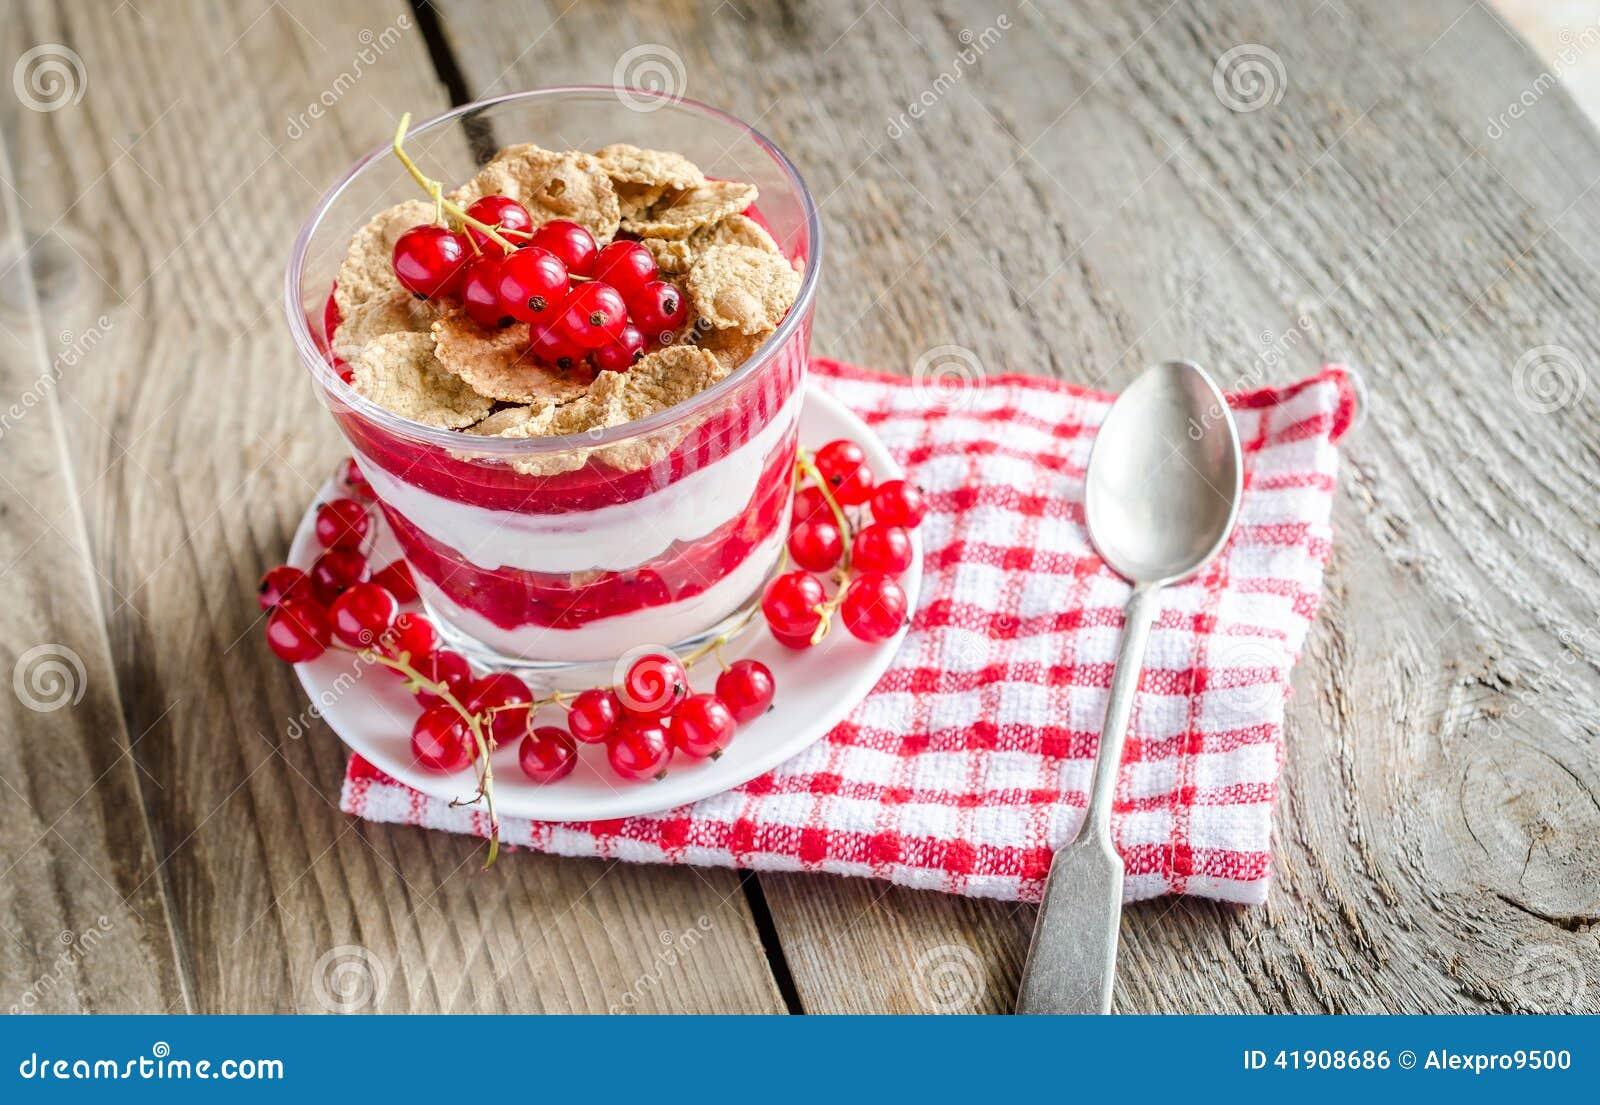 Muesli integral con la salsa y el yogur de la baya